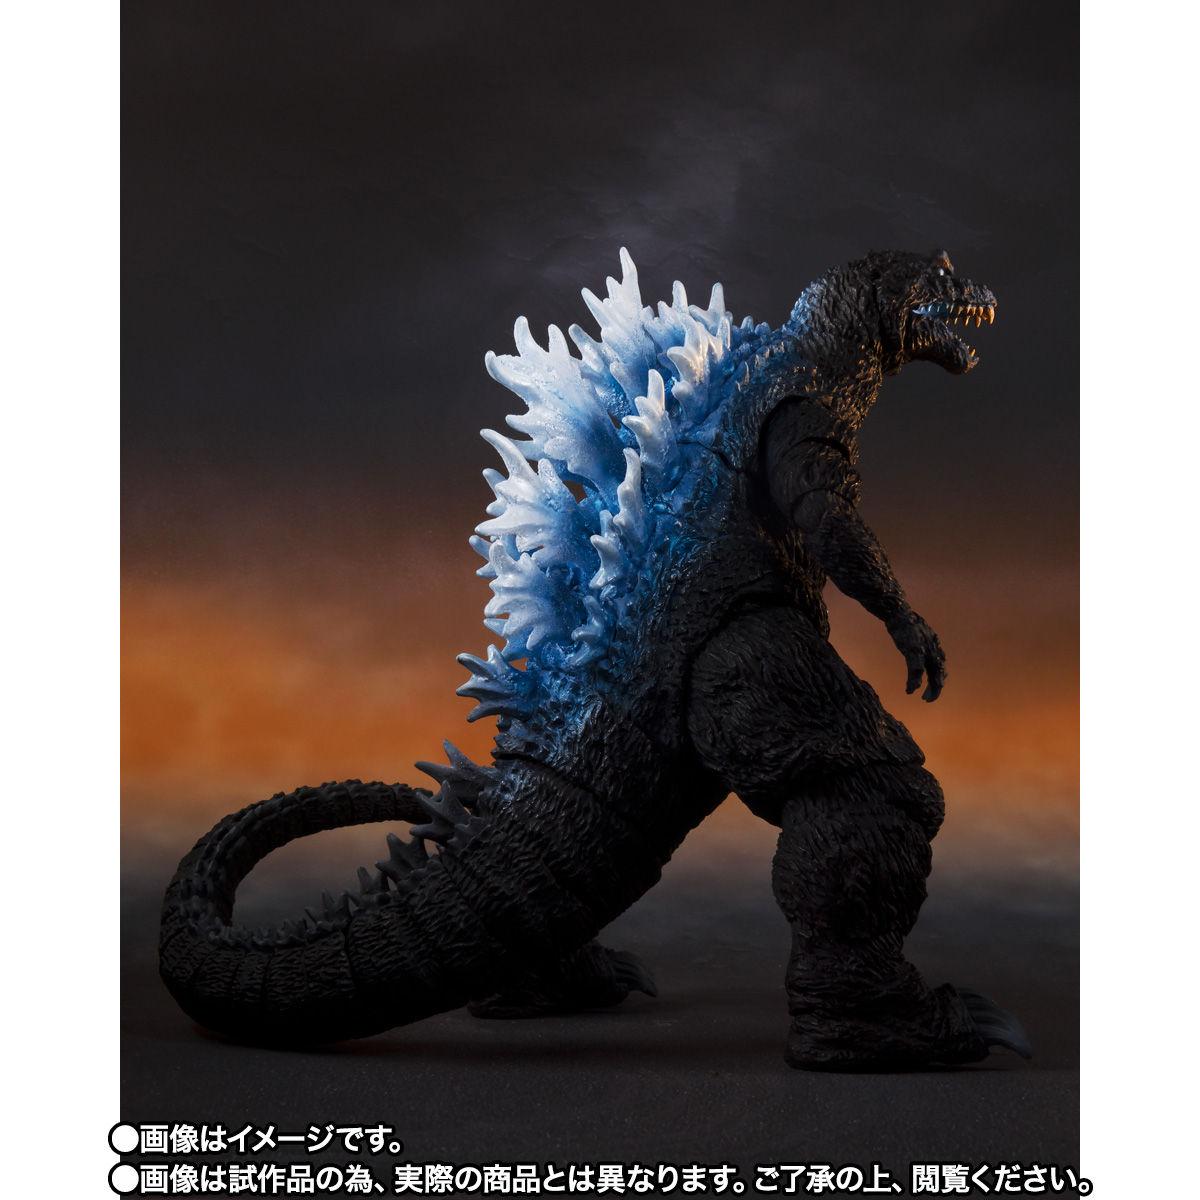 【限定販売】S.H.MonsterArts『ゴジラ(2001)放射熱線Ver.』大怪獣総攻撃 可動フィギュア-008